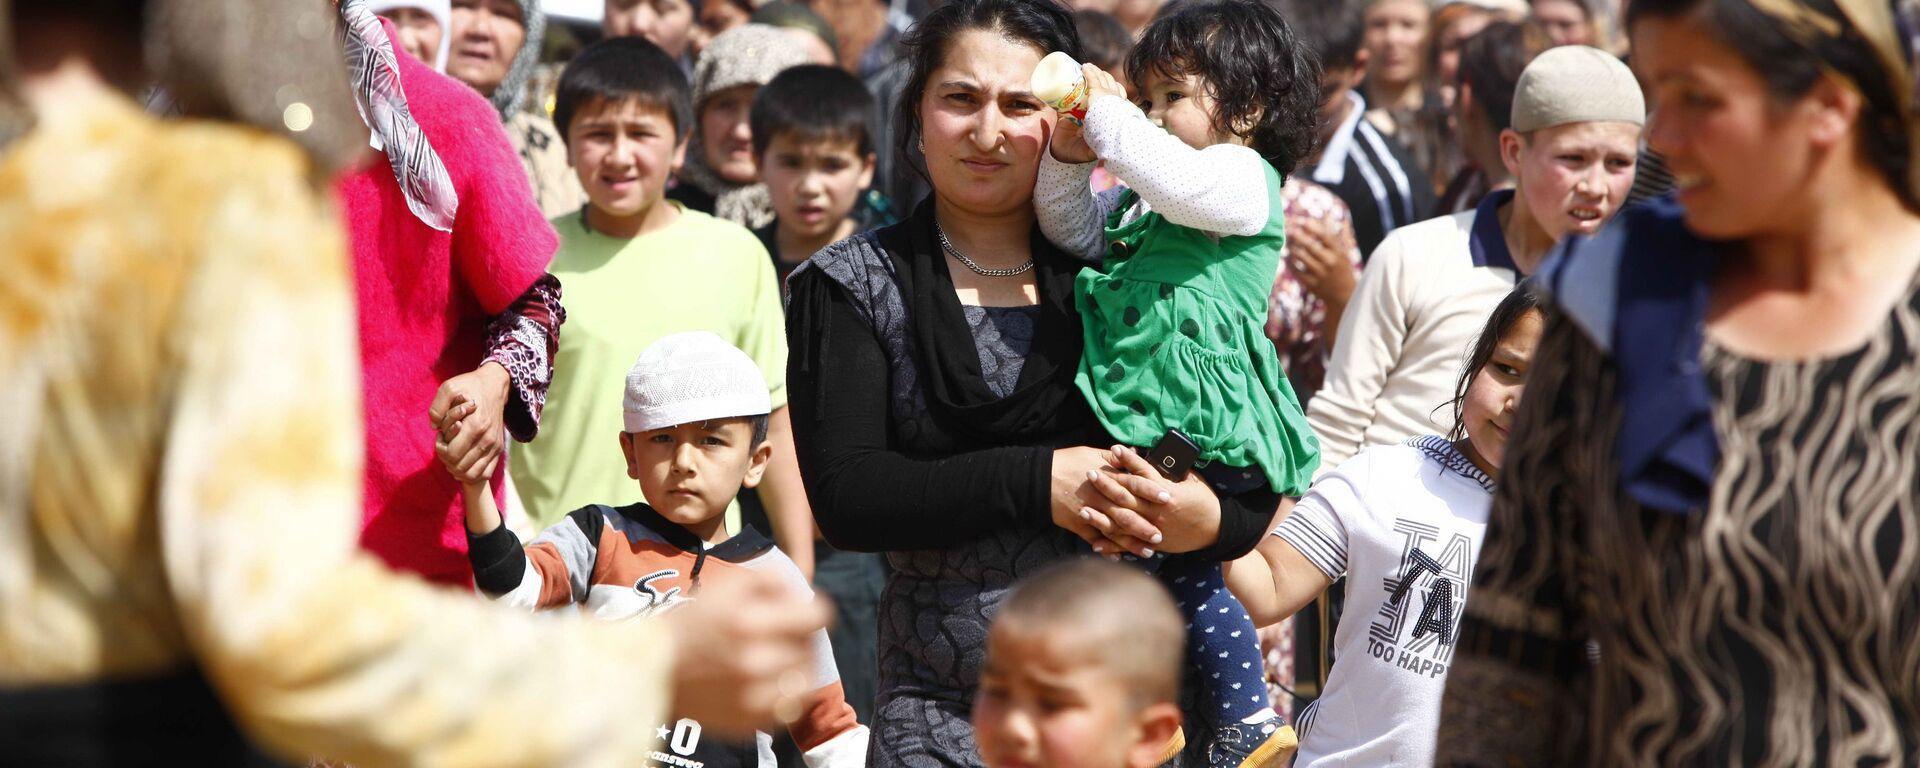 Женщины и дети, архивное фото - Sputnik Таджикистан, 1920, 28.06.2021